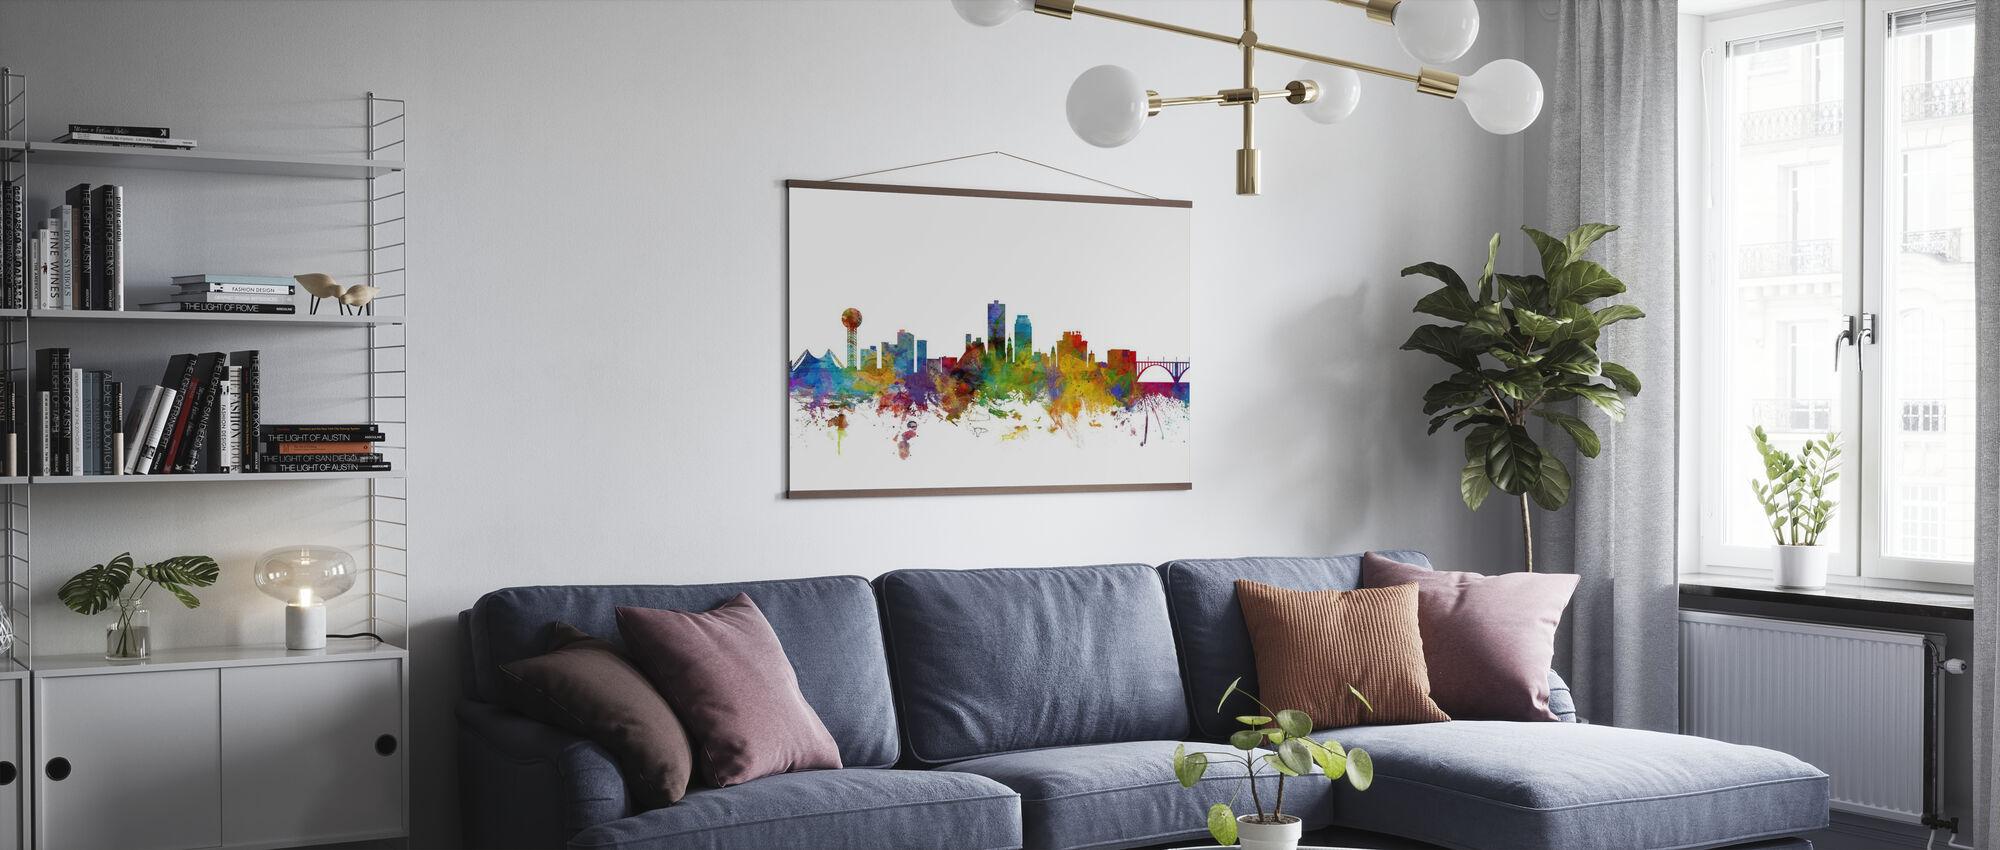 Skyline von Knoxville Tennessee - Poster - Wohnzimmer